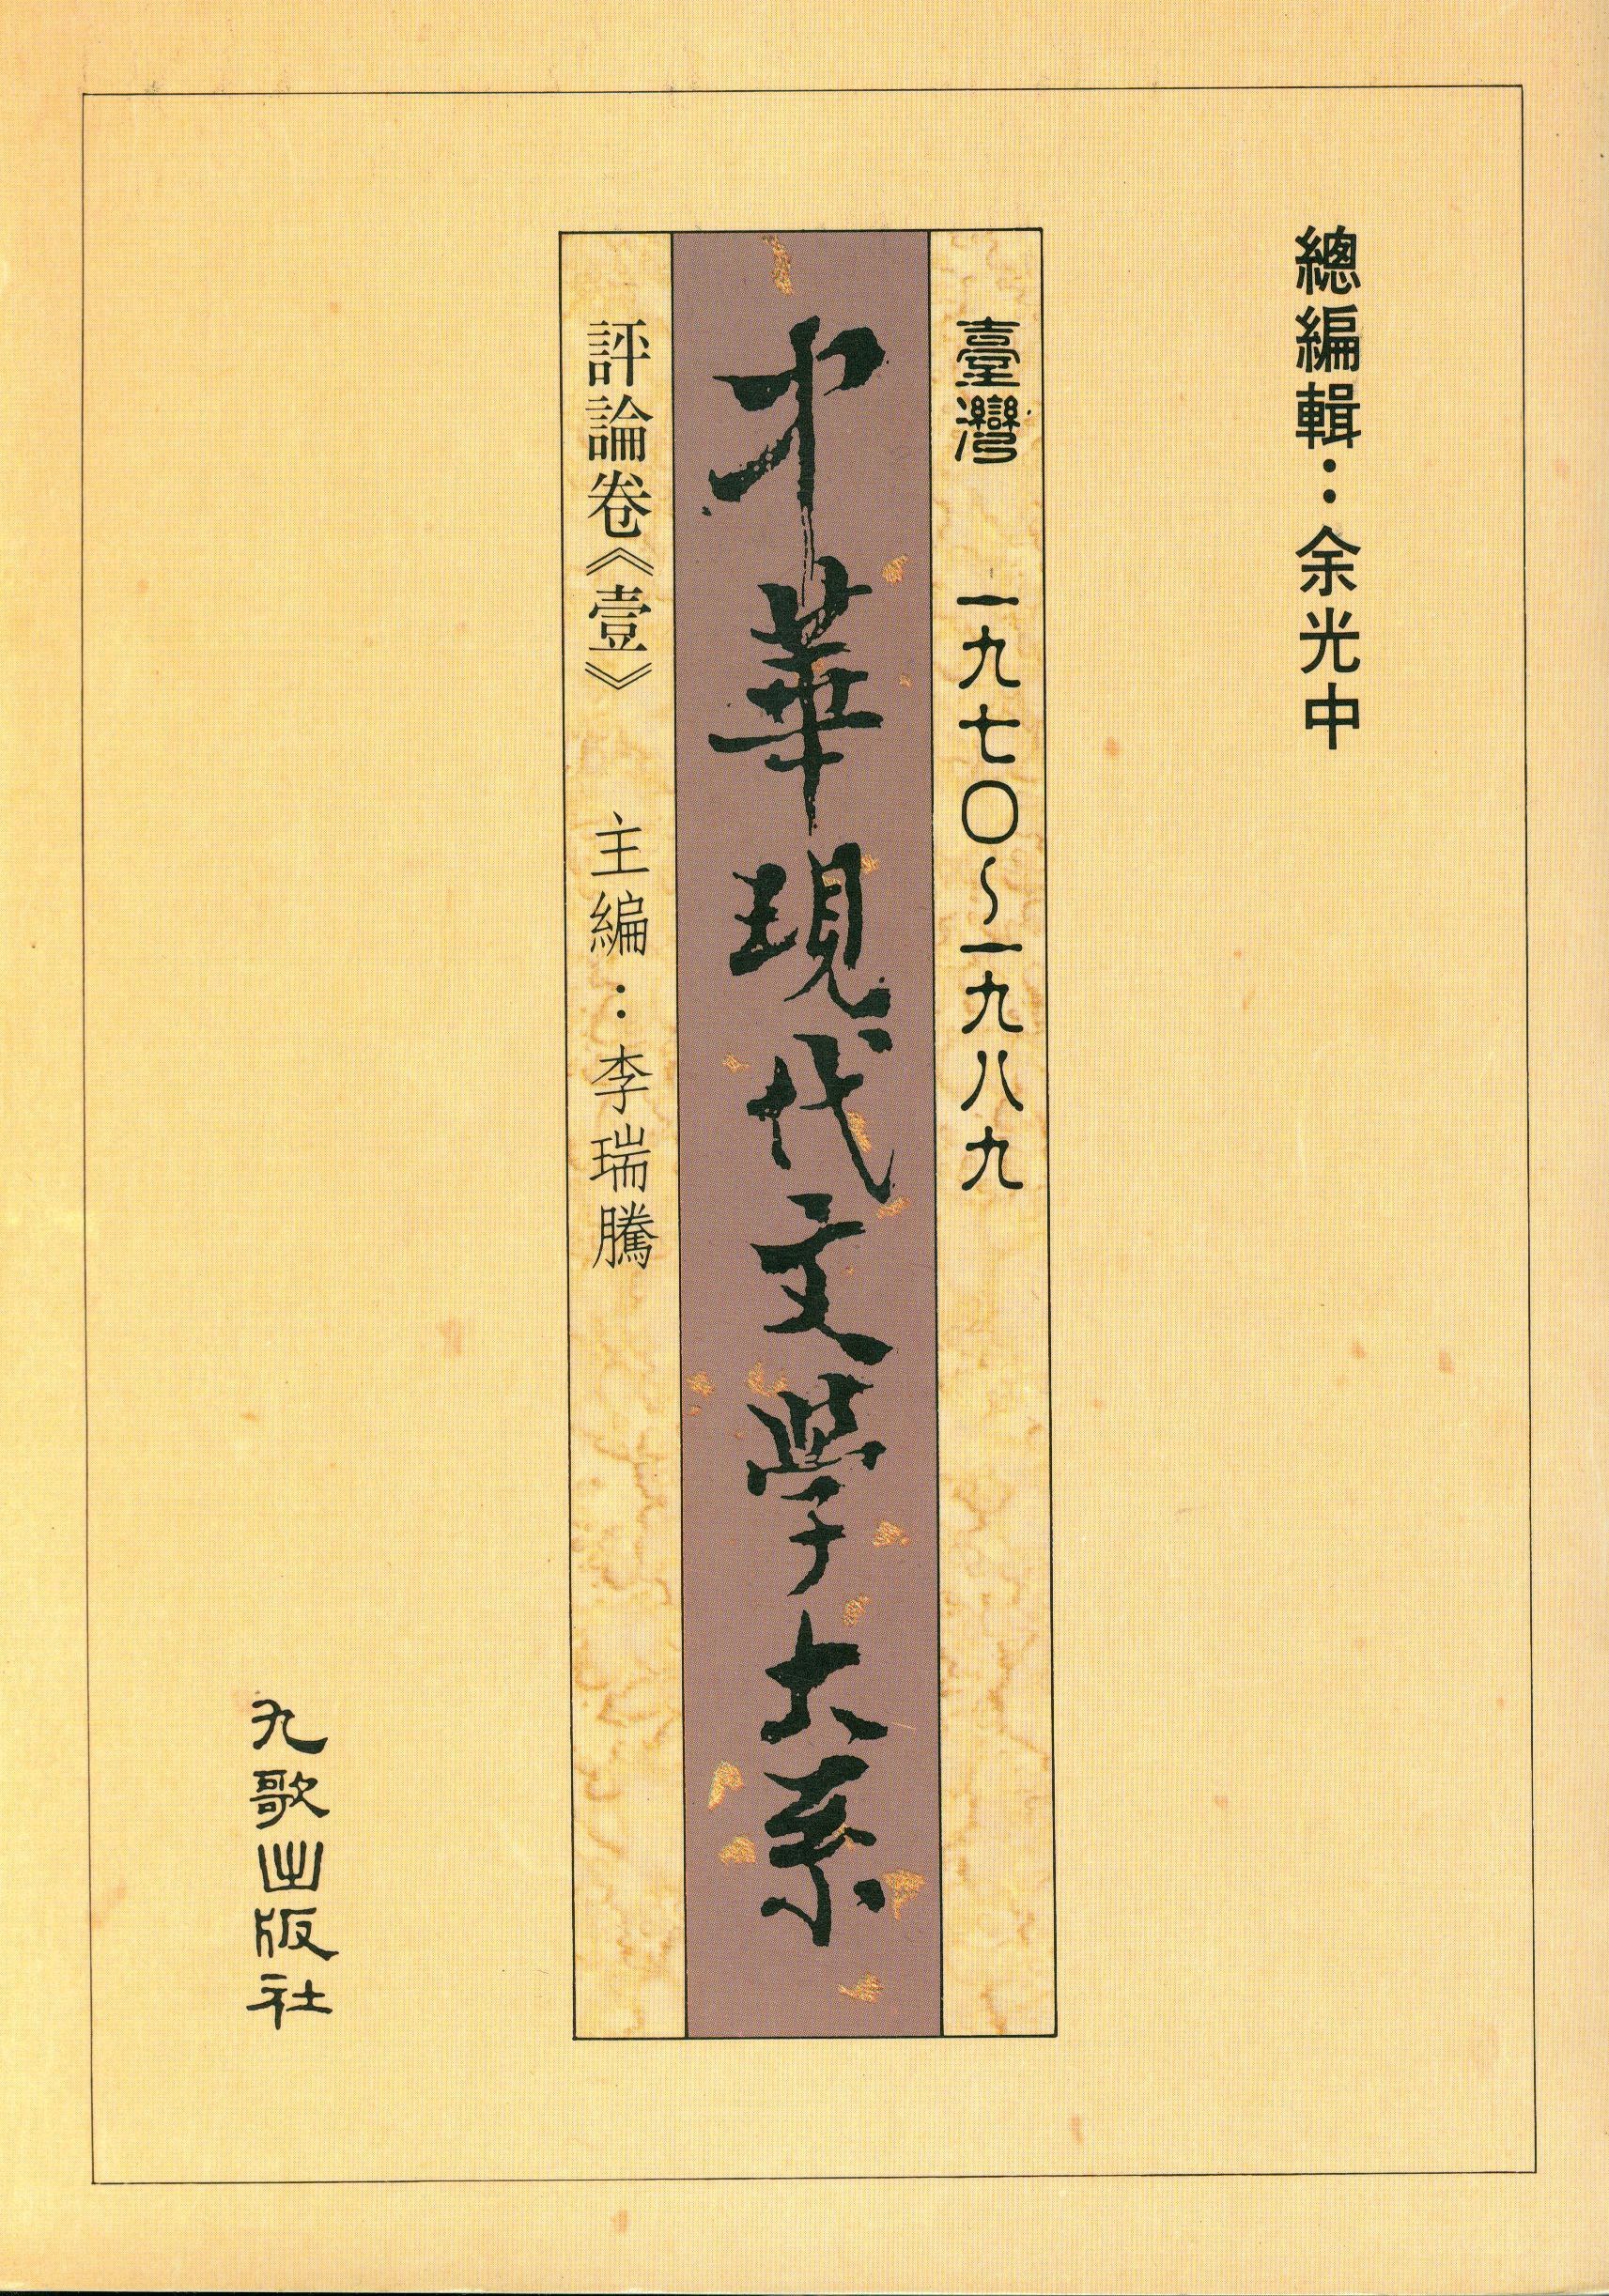 K0014中華現代文學大系(一)評論卷1